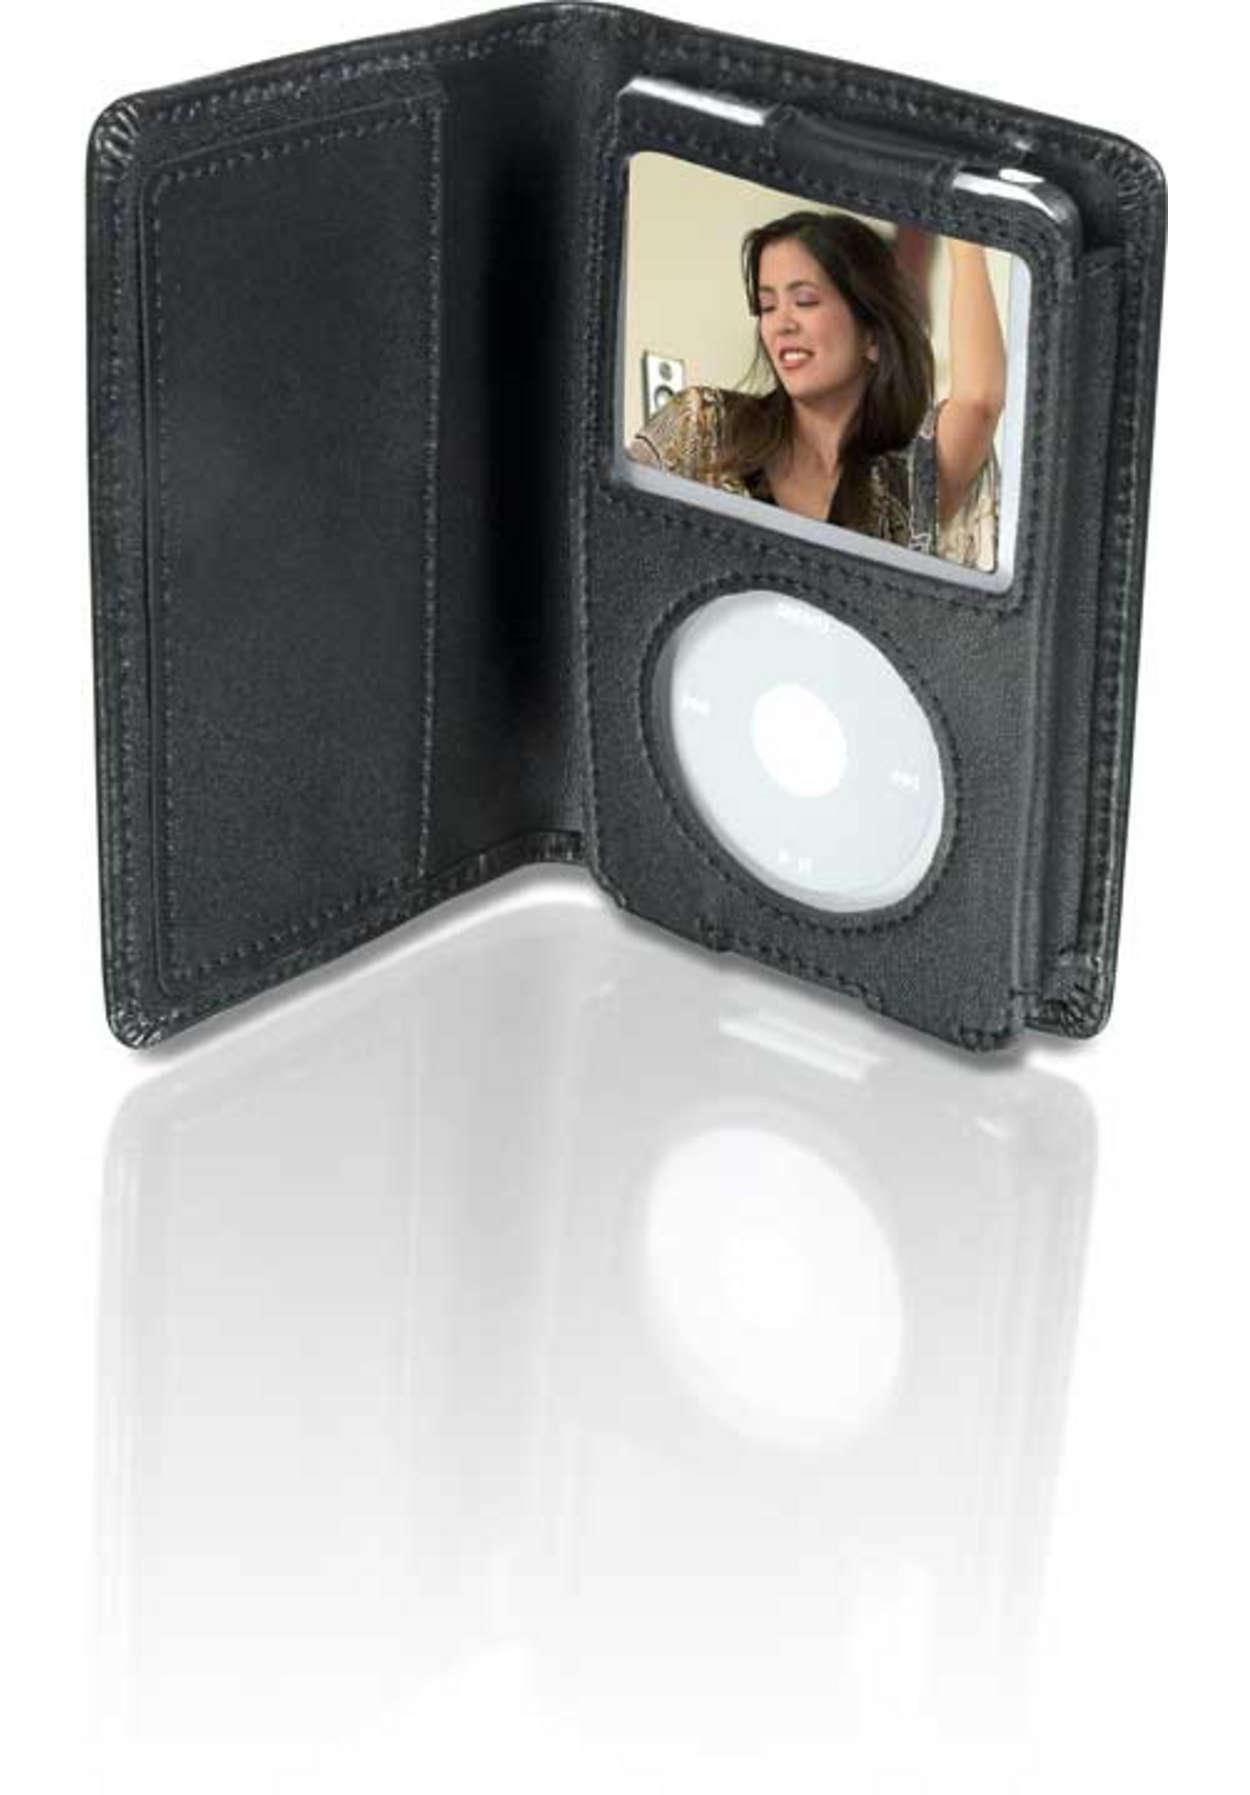 Proteggi il tuo iPod Video con eleganza